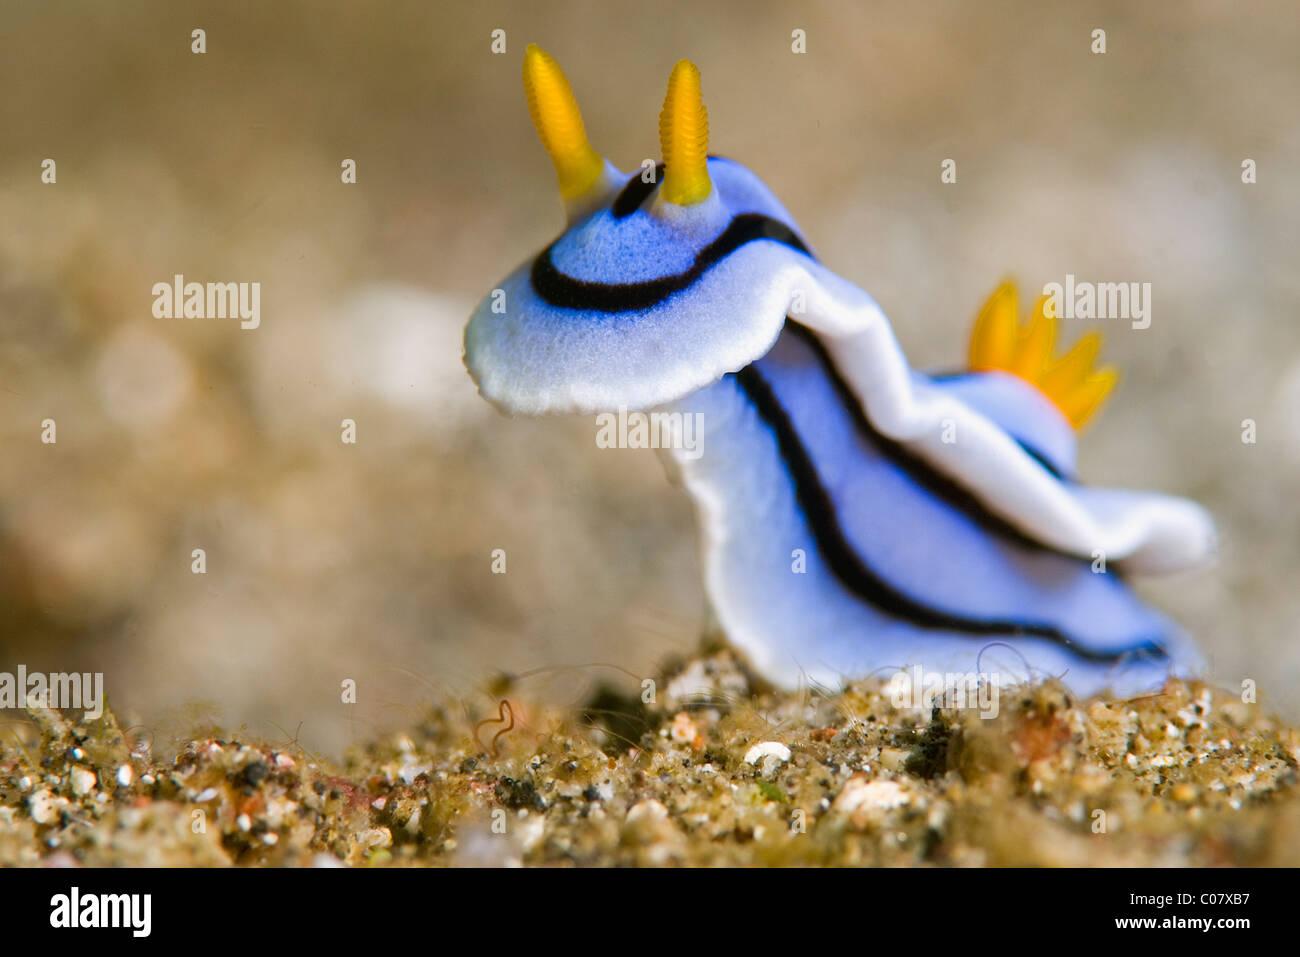 Loch's Chromodoris (sea slug), Lembeh, Indonesia - Stock Image